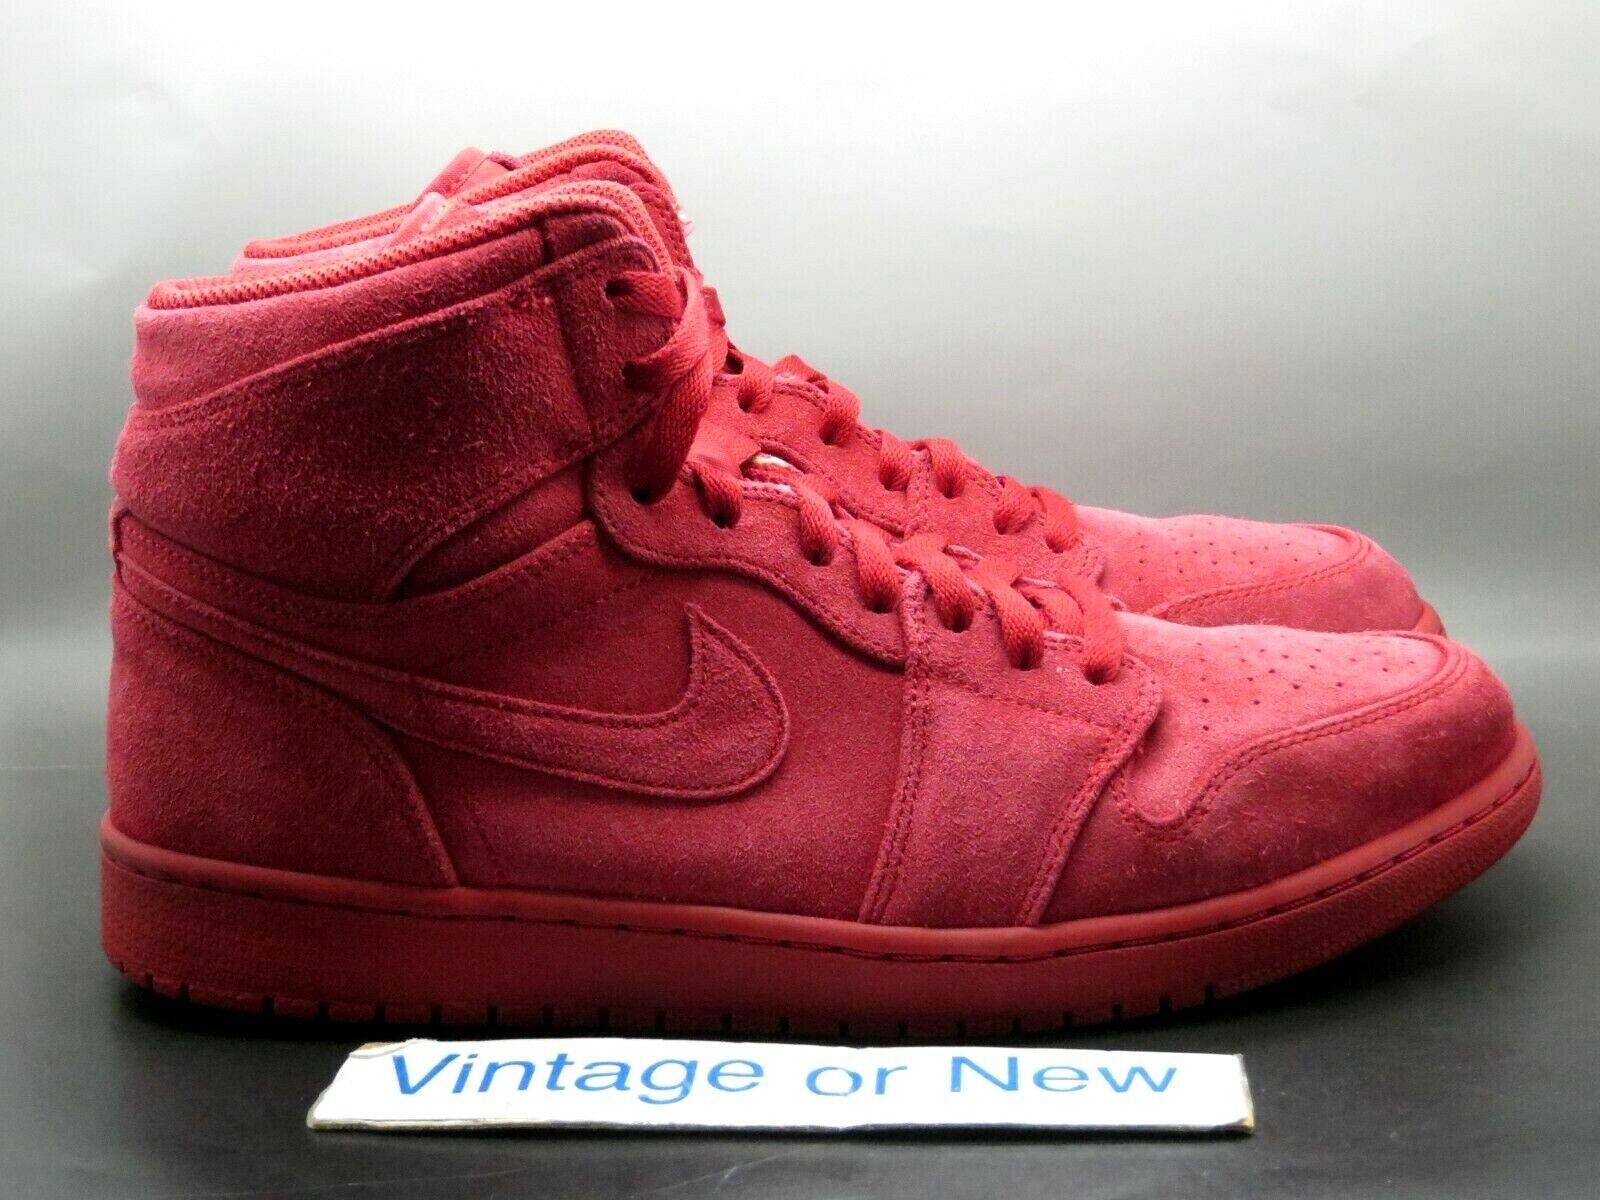 Air Jordan I 1 Retro High 2017 Gym Red Suede 332550-603 sz 12